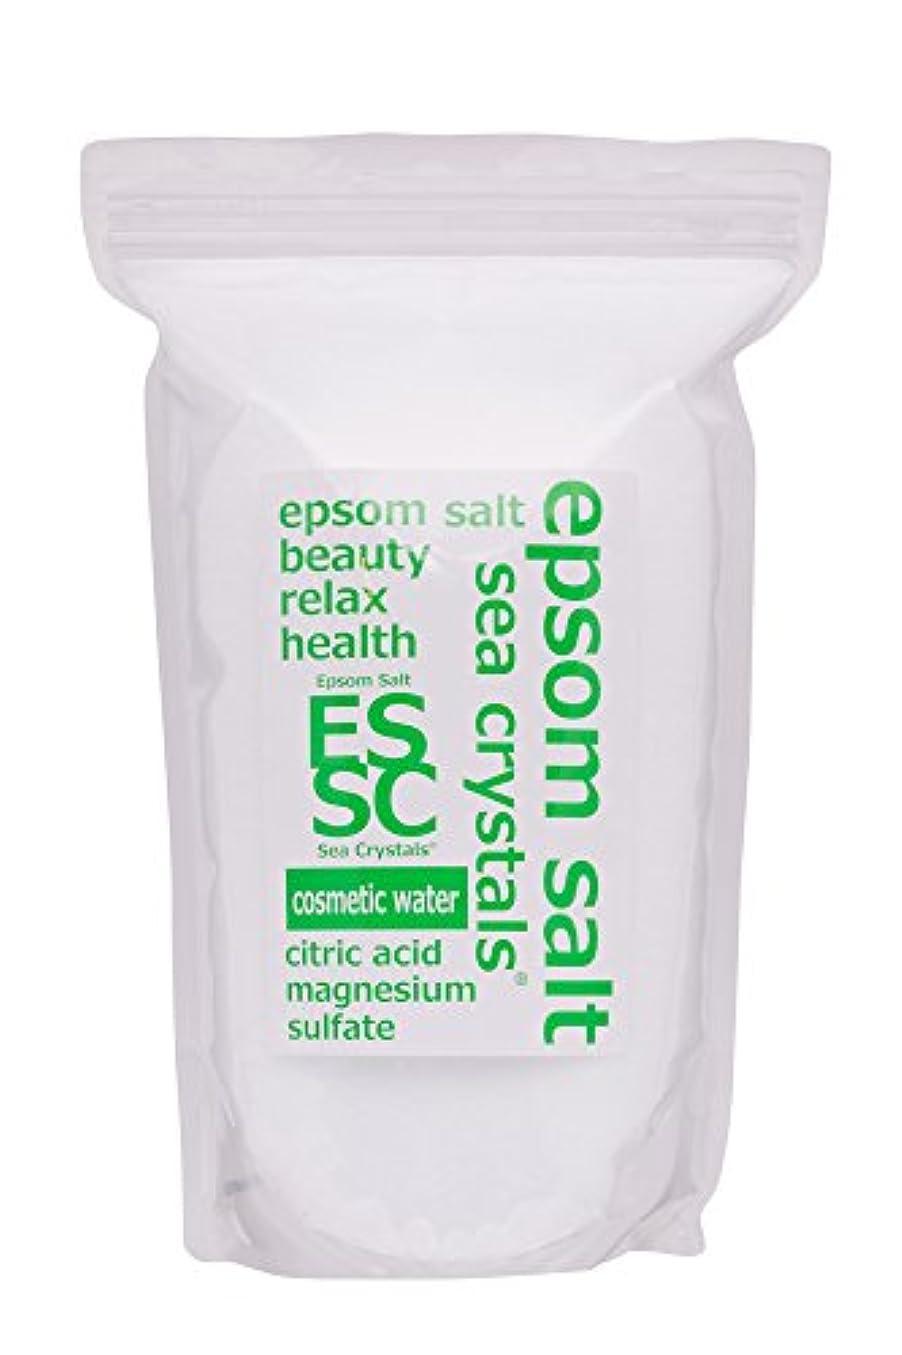 構造時々歴史エプソムソルト コスメティックウォーター 2.2kg入浴剤 (浴用化粧品)クエン酸配合 シークリスタルス